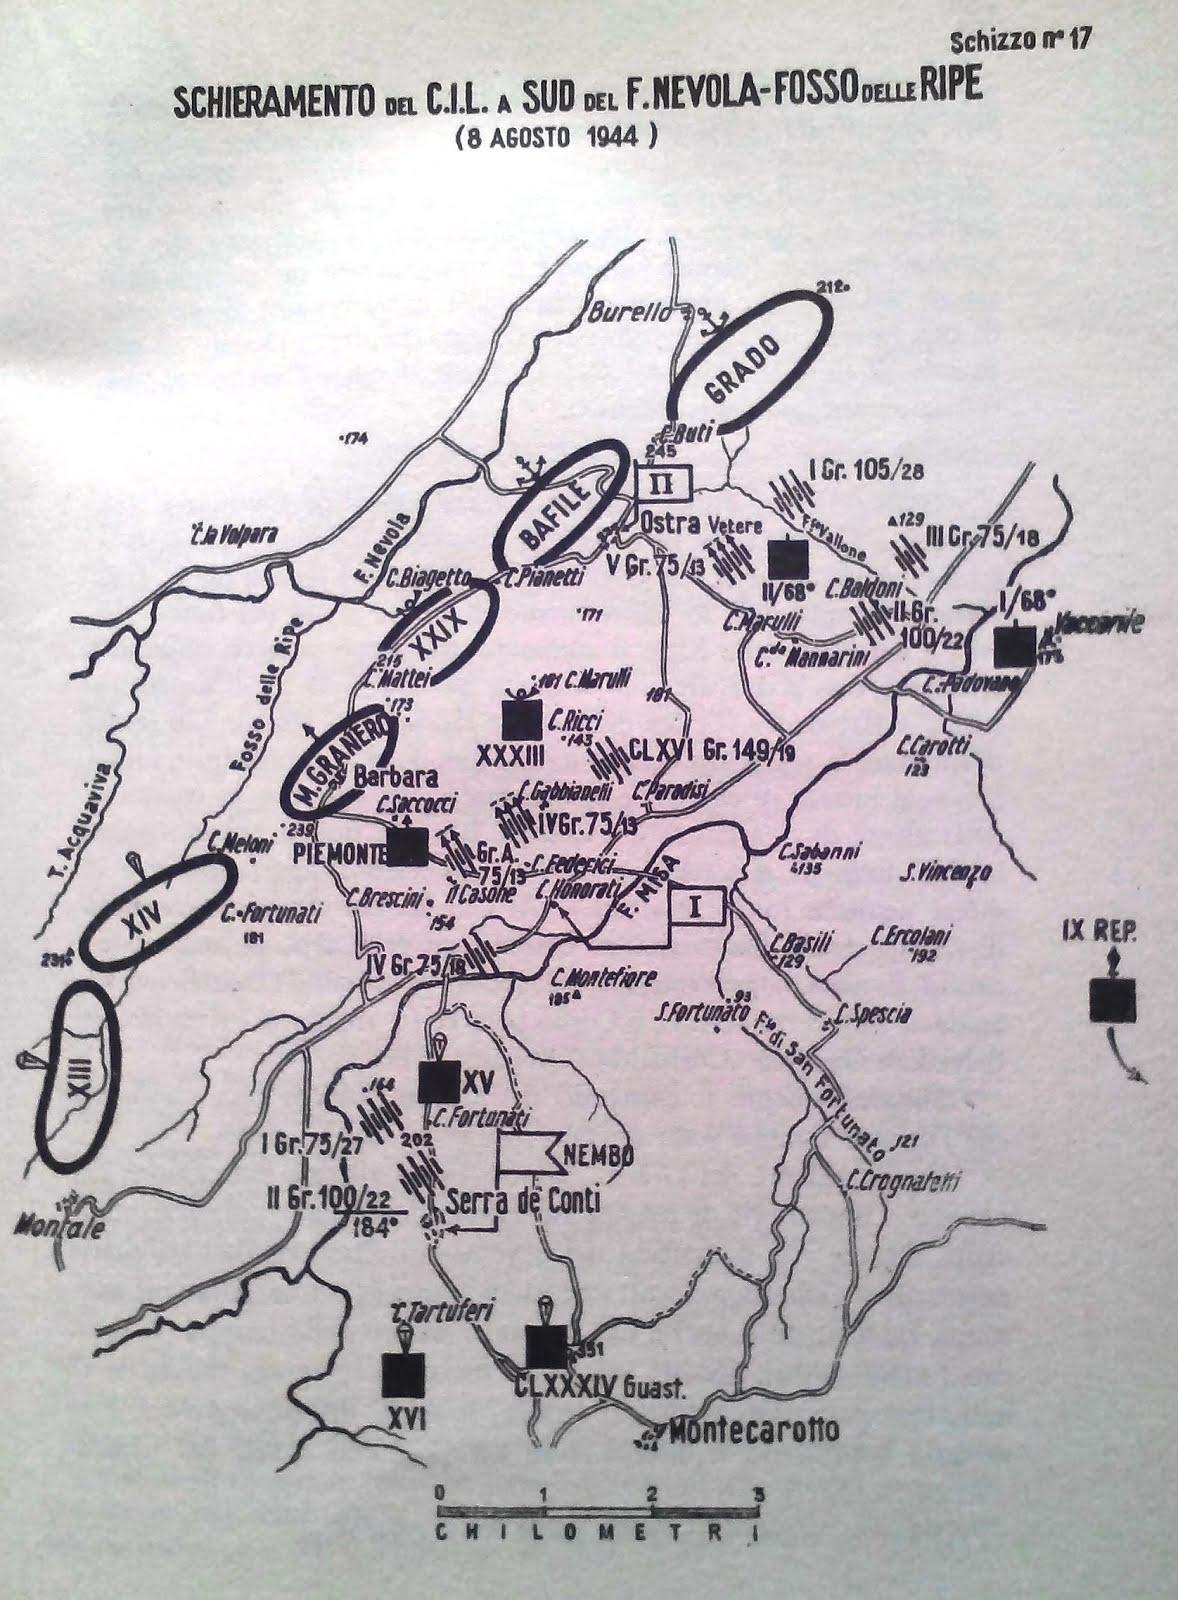 Schieramento del Corpo Italiano di Liberazione 8 agsoto 1944